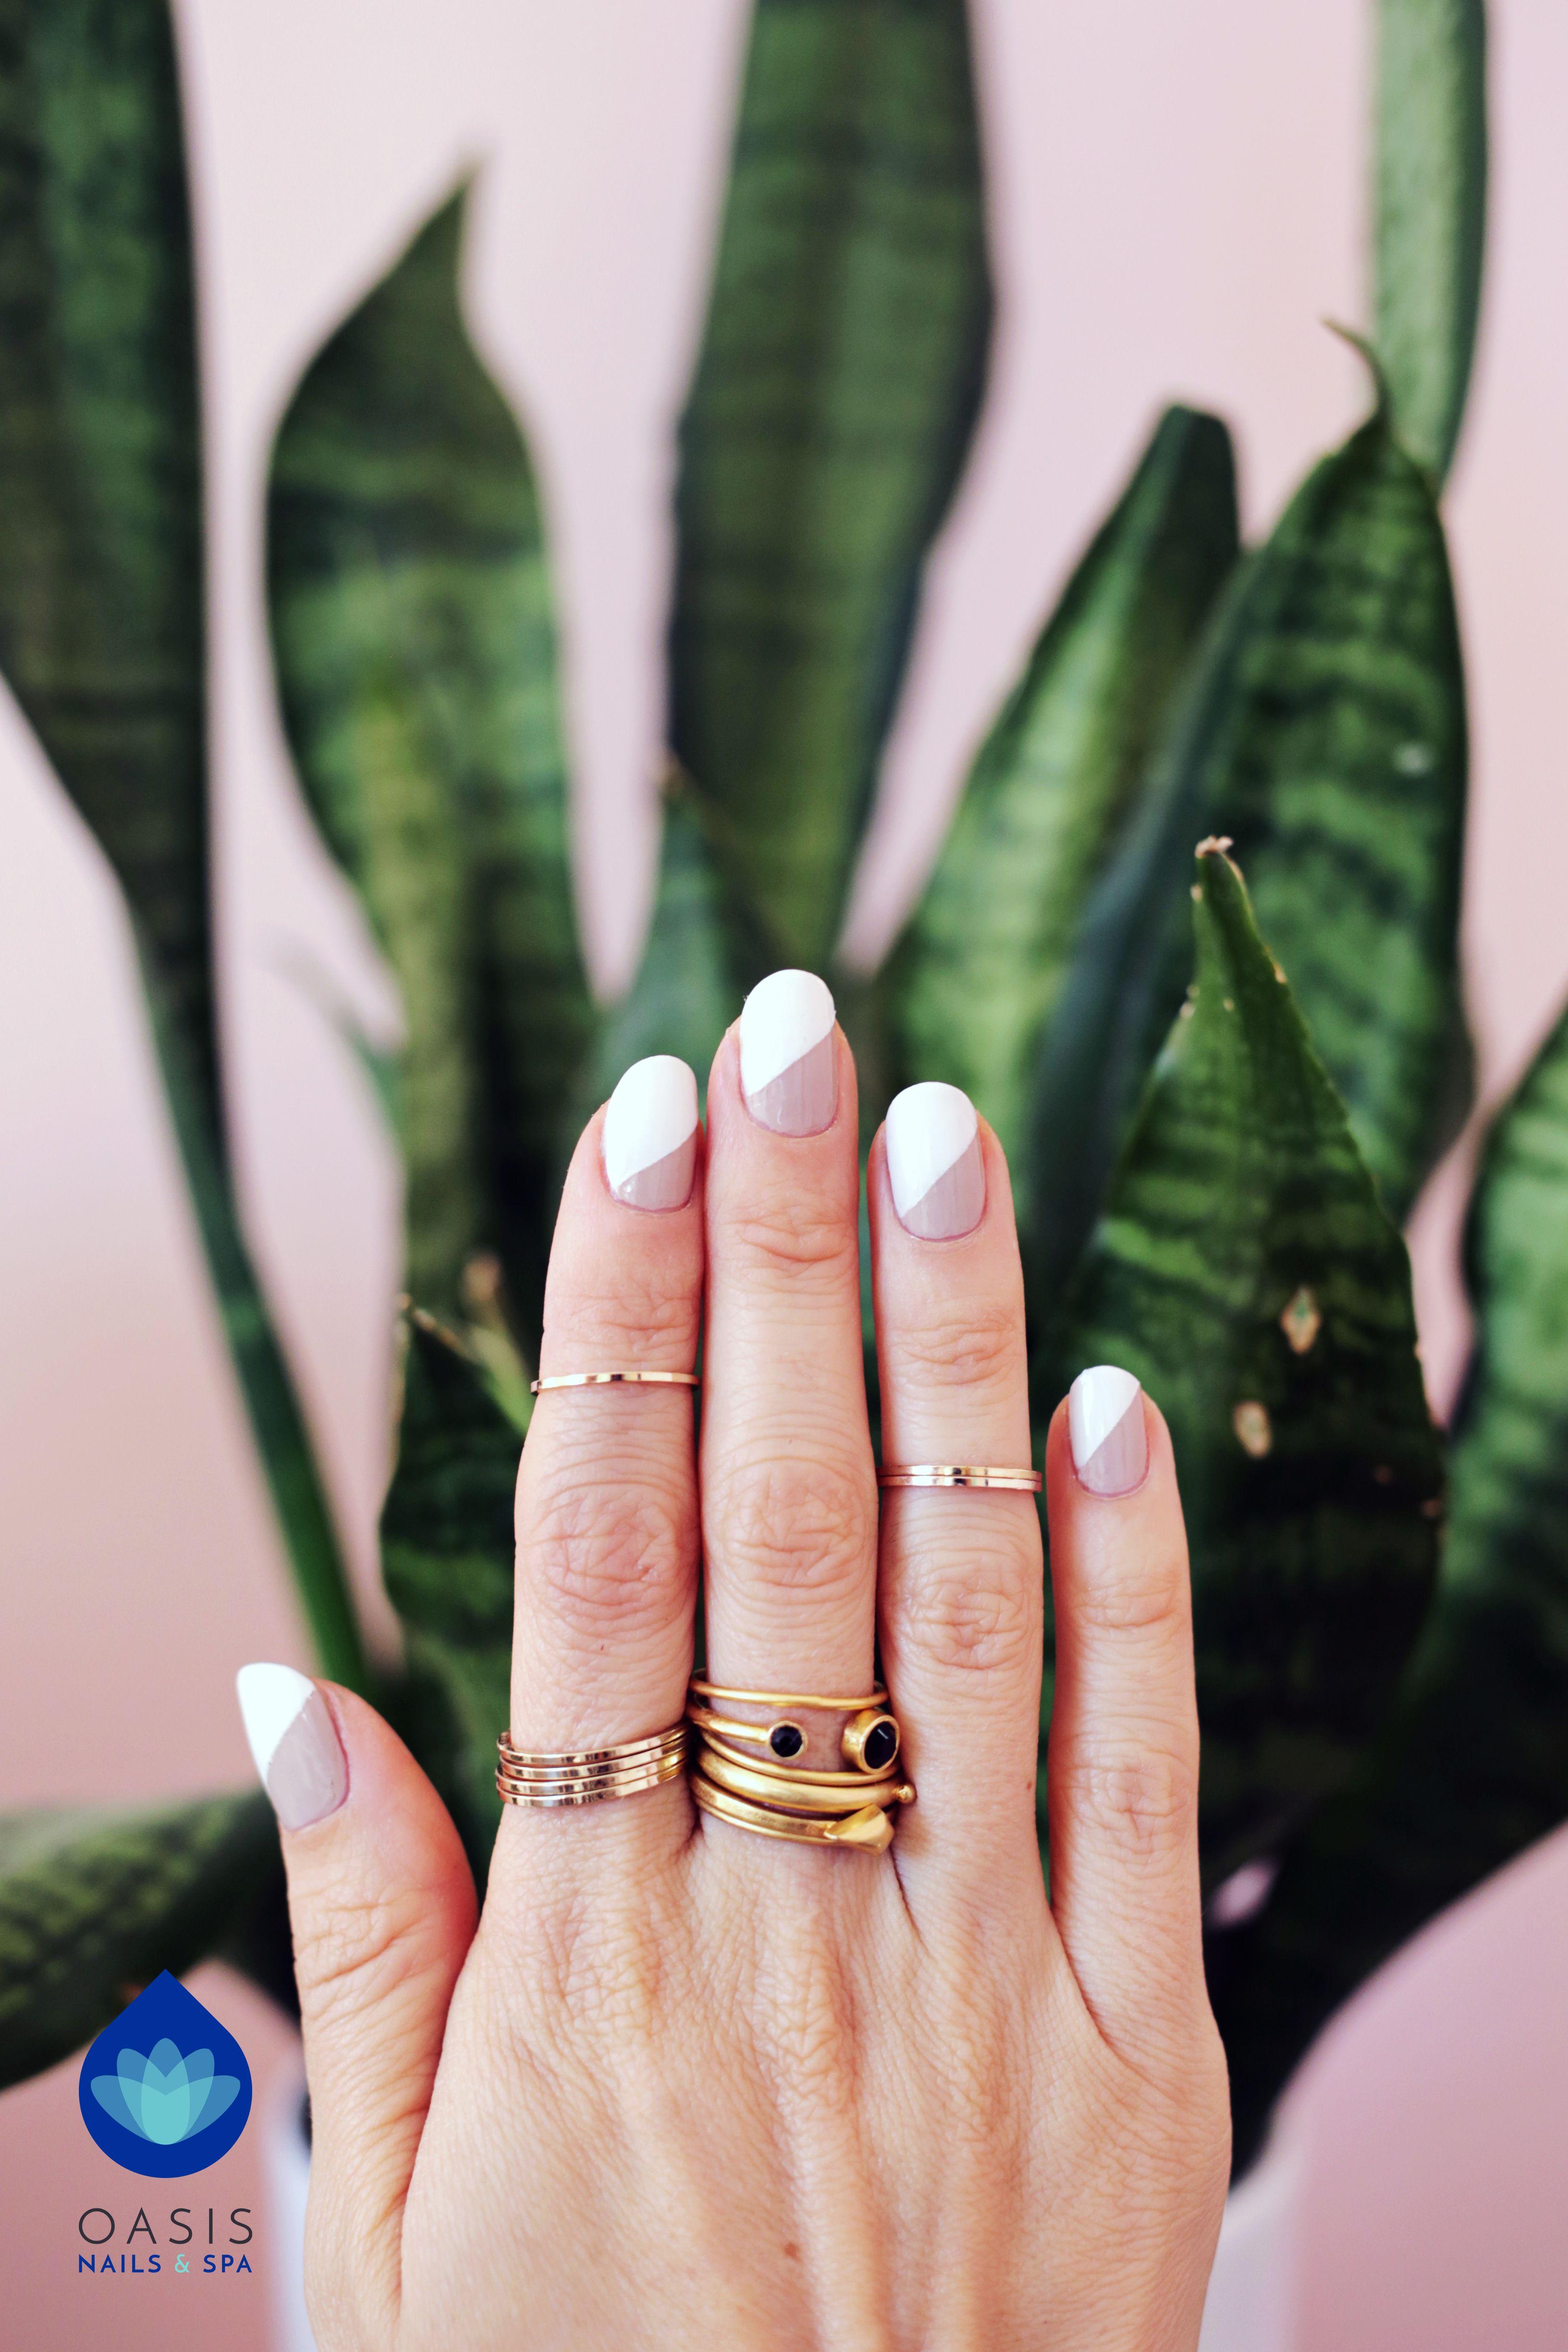 Simple and versatile nail art 😍 Elegant at work and fun at parties ...